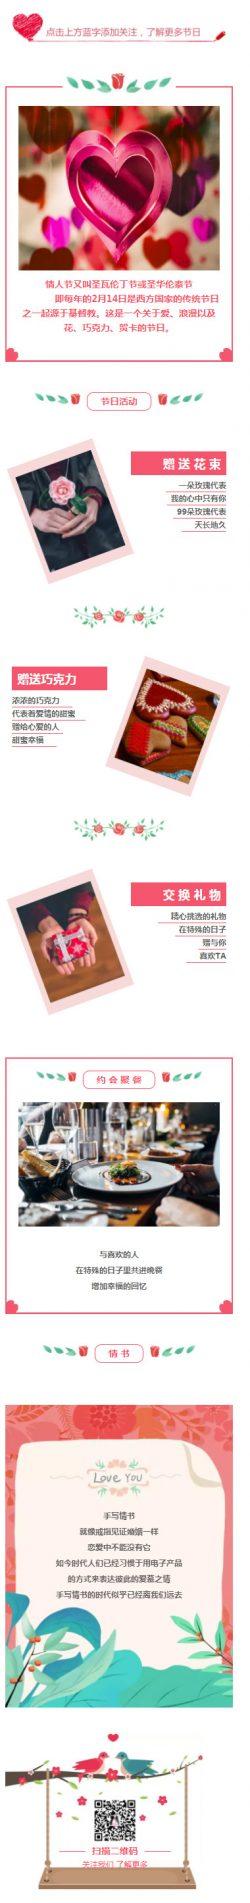 情人节七夕节红色粉红色素材模板